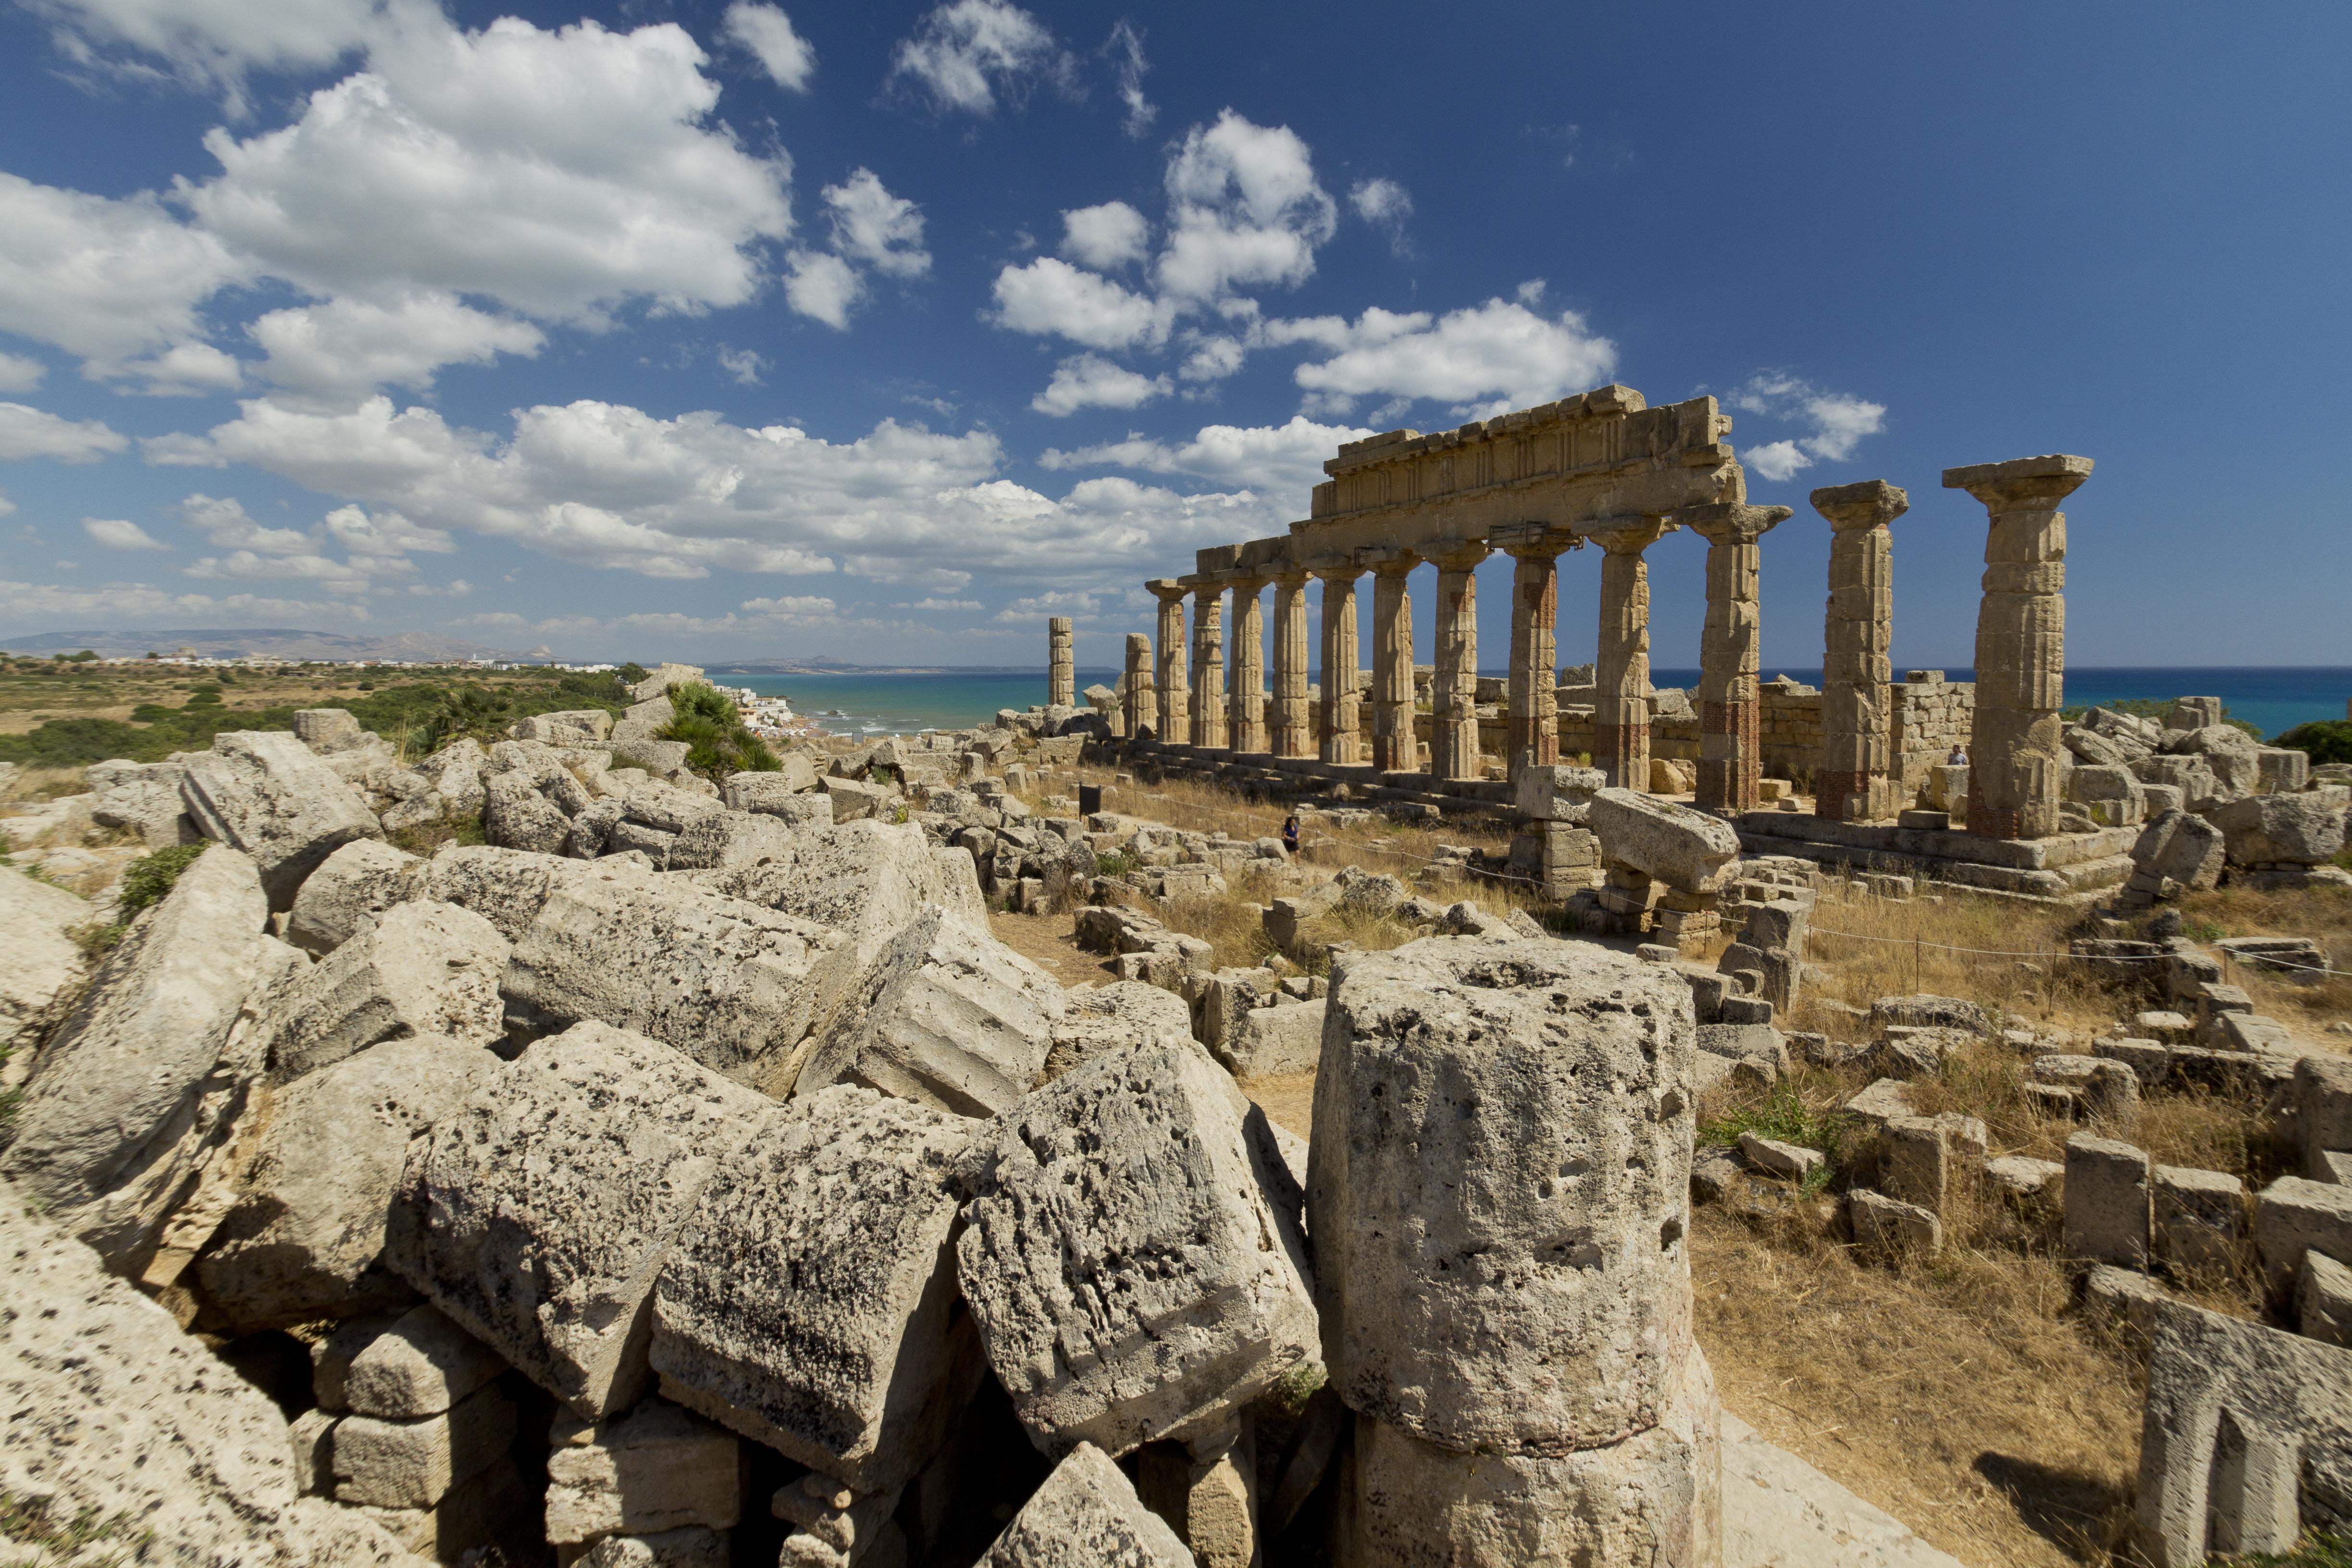 Cartina Sicilia Selinunte.Selinunte Wikipedia